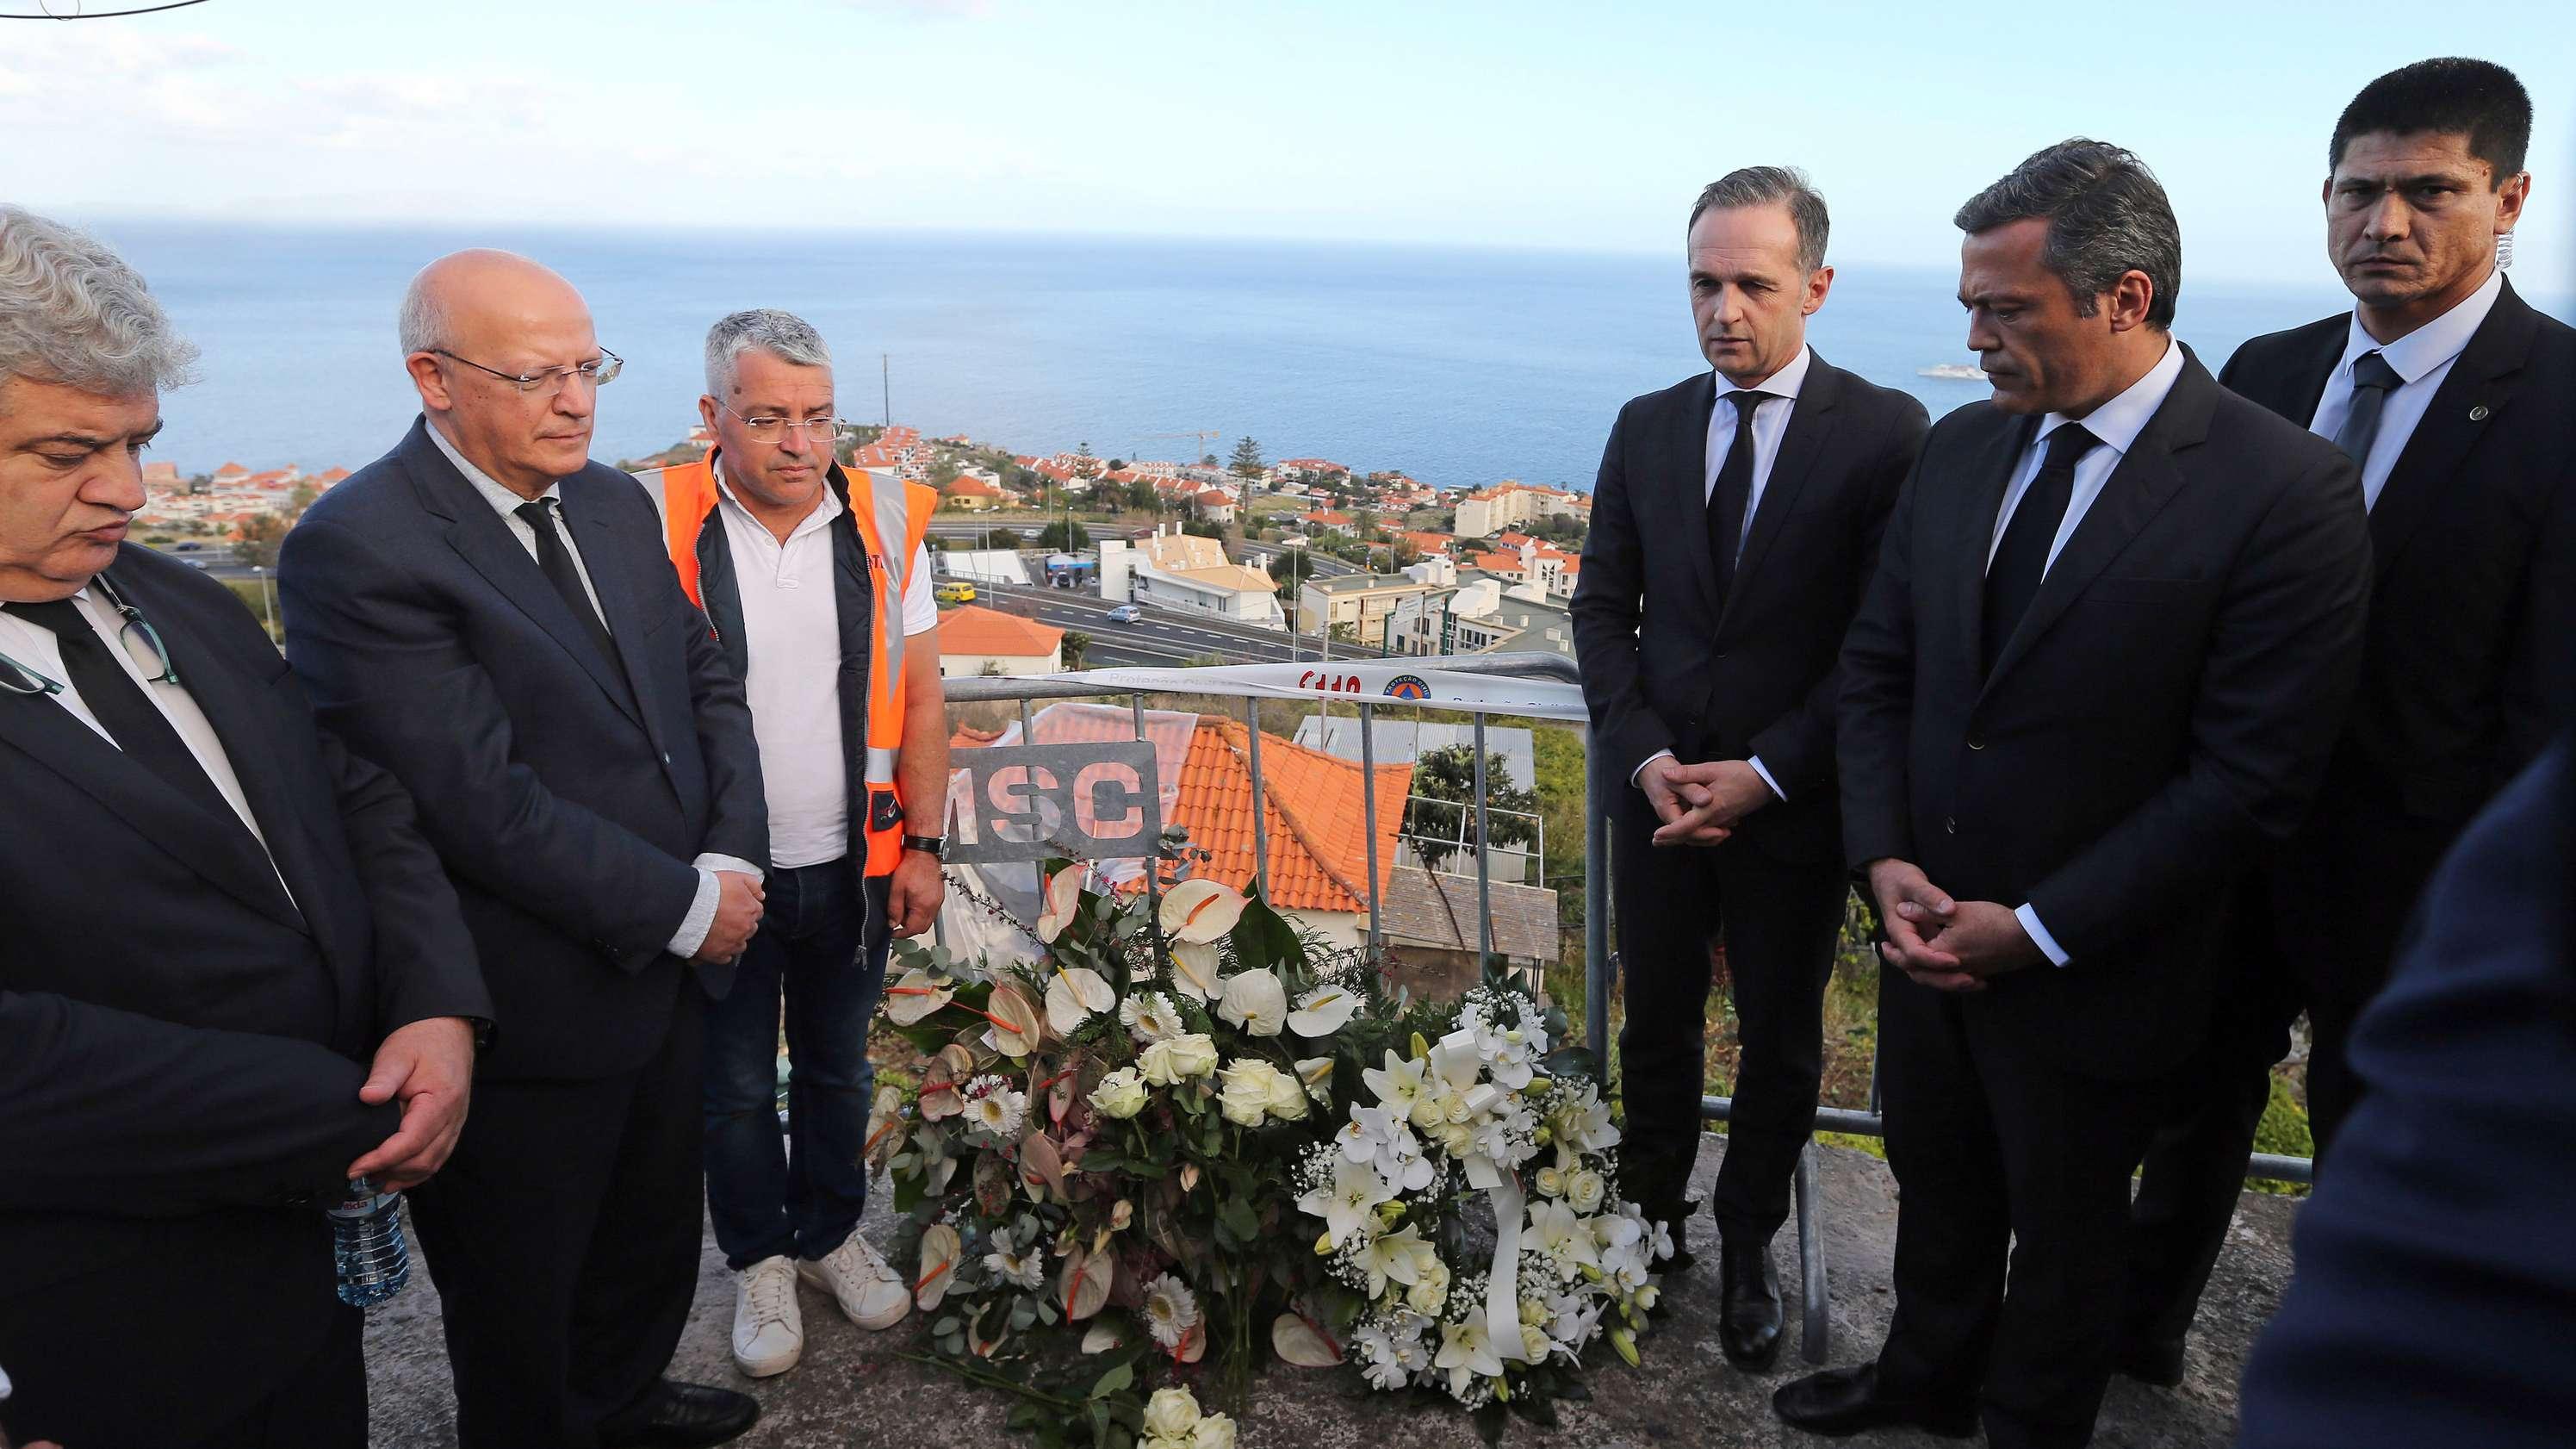 Außenminister Heiko Maas (3.v.r) und der portugiesische Außenminister Augusto Santos Silva (2.v.l) stehen an der Unfallstelle des Busunglücks, nachdem sie einen Kranz niedergelegt hatten.